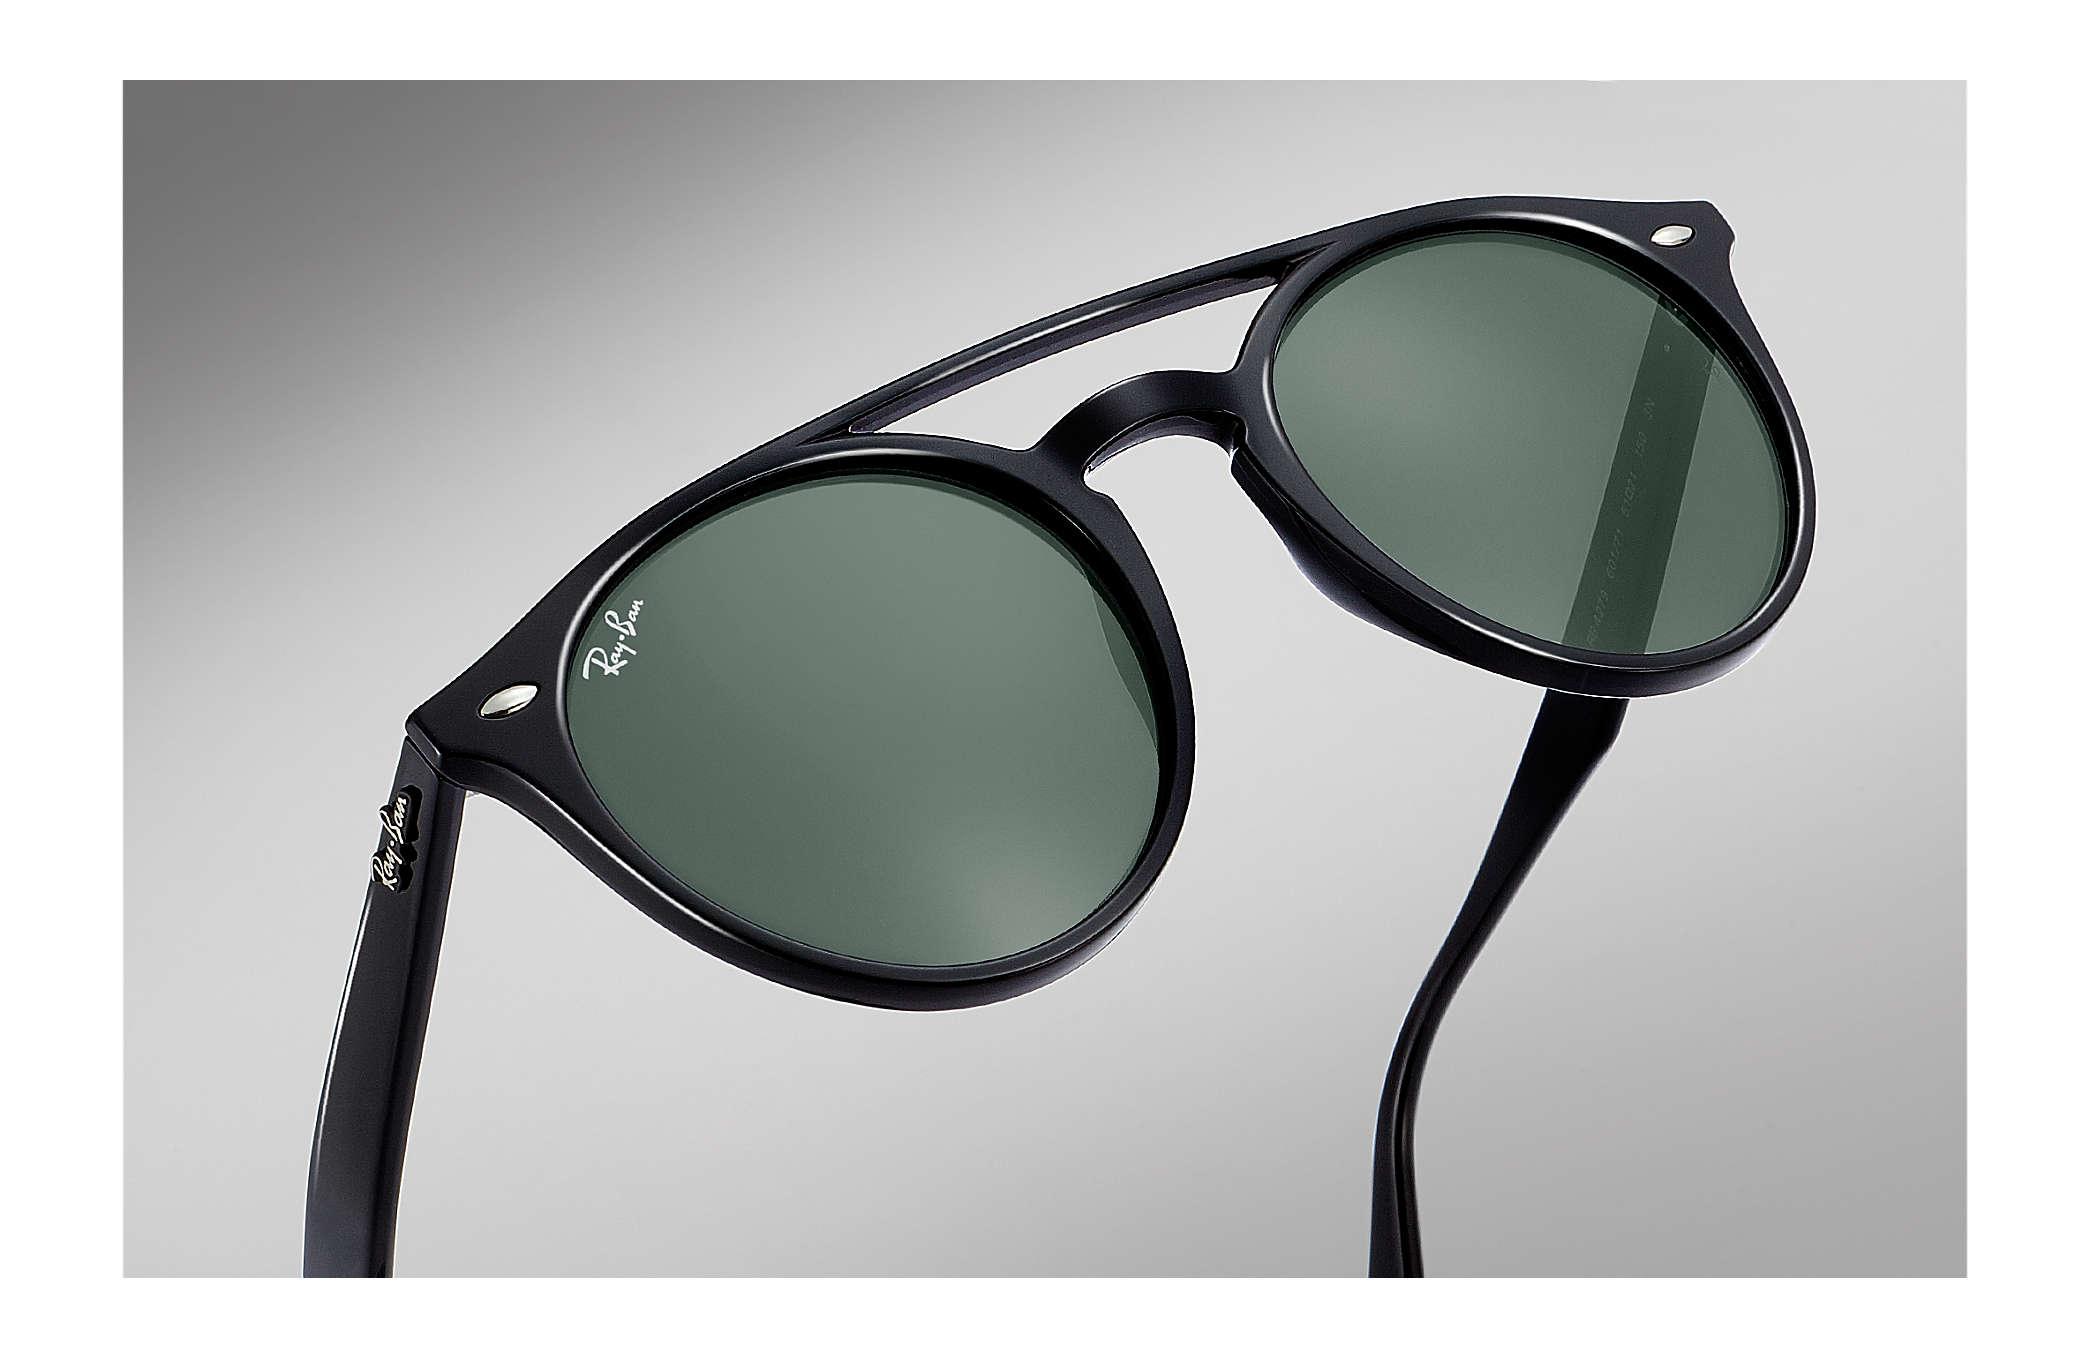 281af204a4 Ray-Ban RB4279 Black - Propionate - Green Lenses - 0RB4279601/7151 ...